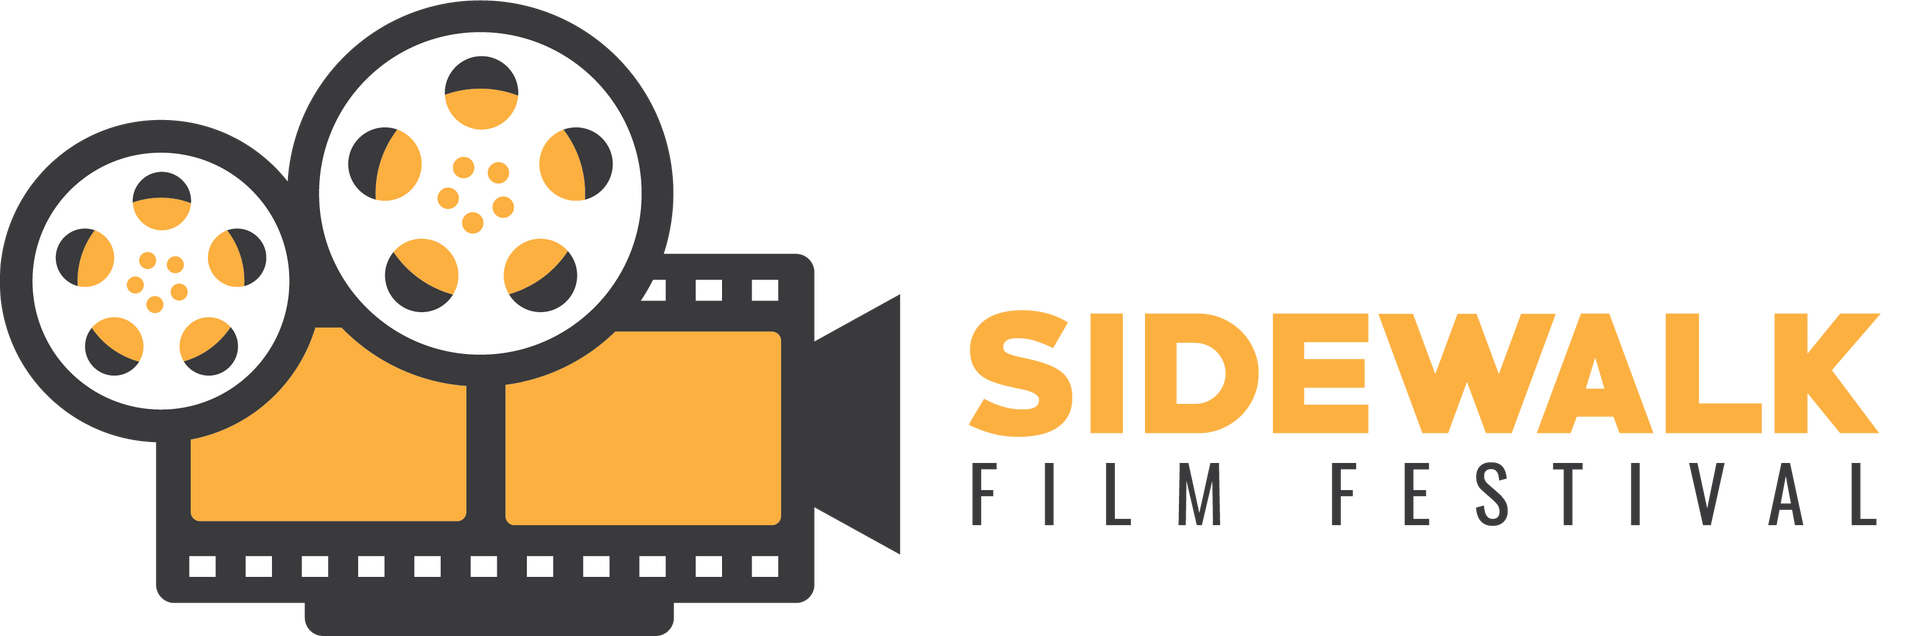 Sidewalk Film Festival